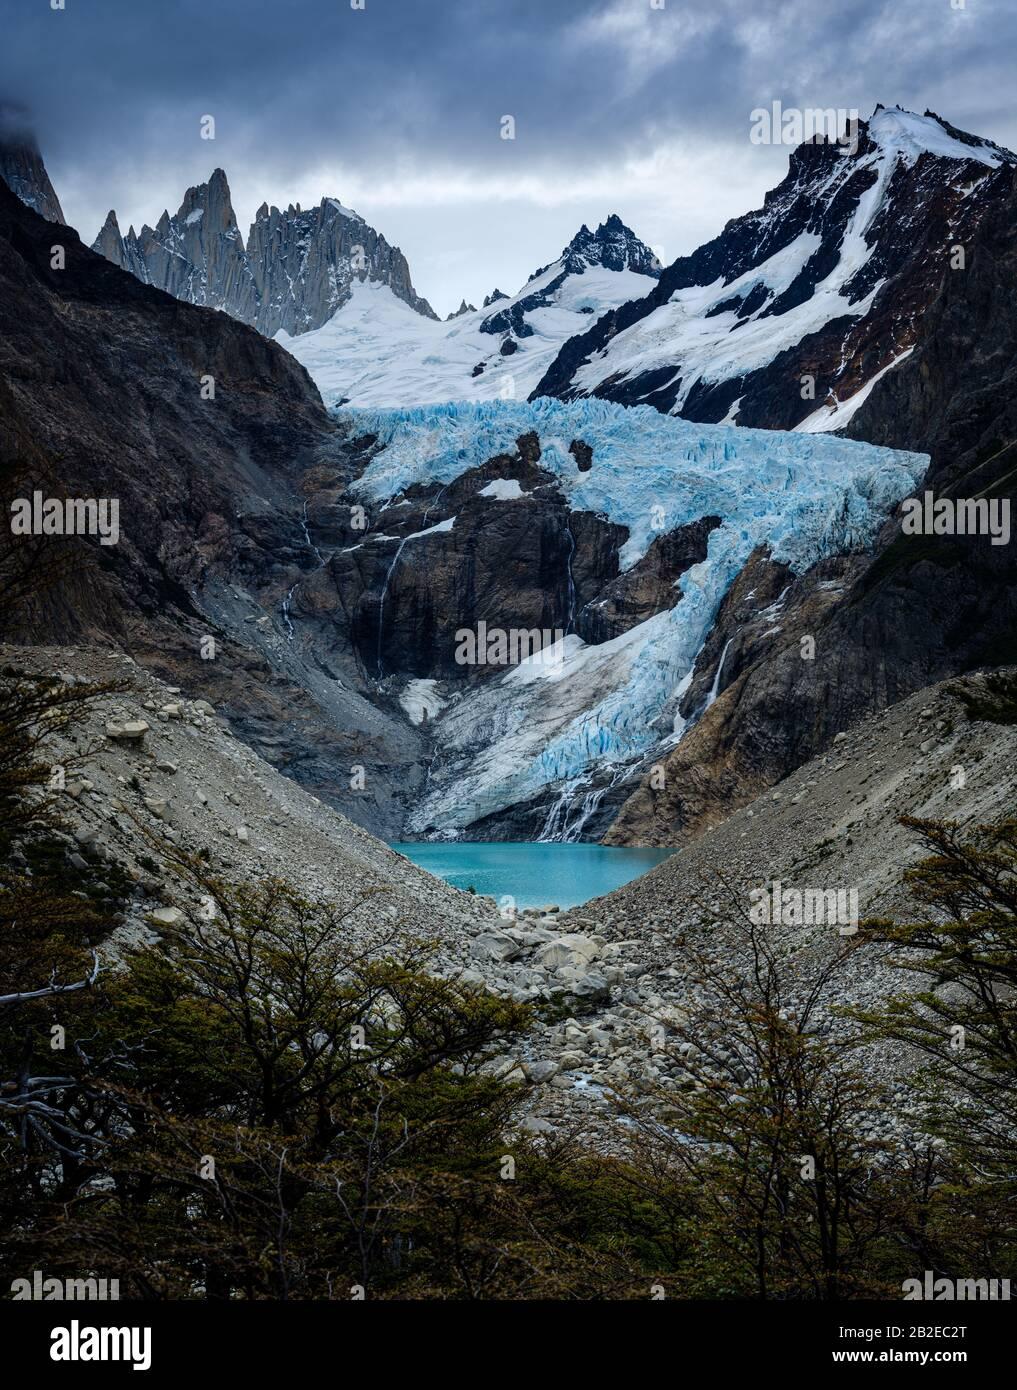 PARQUE Nacional LOS GLACIARES, ARGENTINA - ALREDEDOR DE FEBRERO 2019: Montañas y Glaciar Piedras Blancas cerca de el Chalten en el Parque Nacional los Glaciares Foto de stock